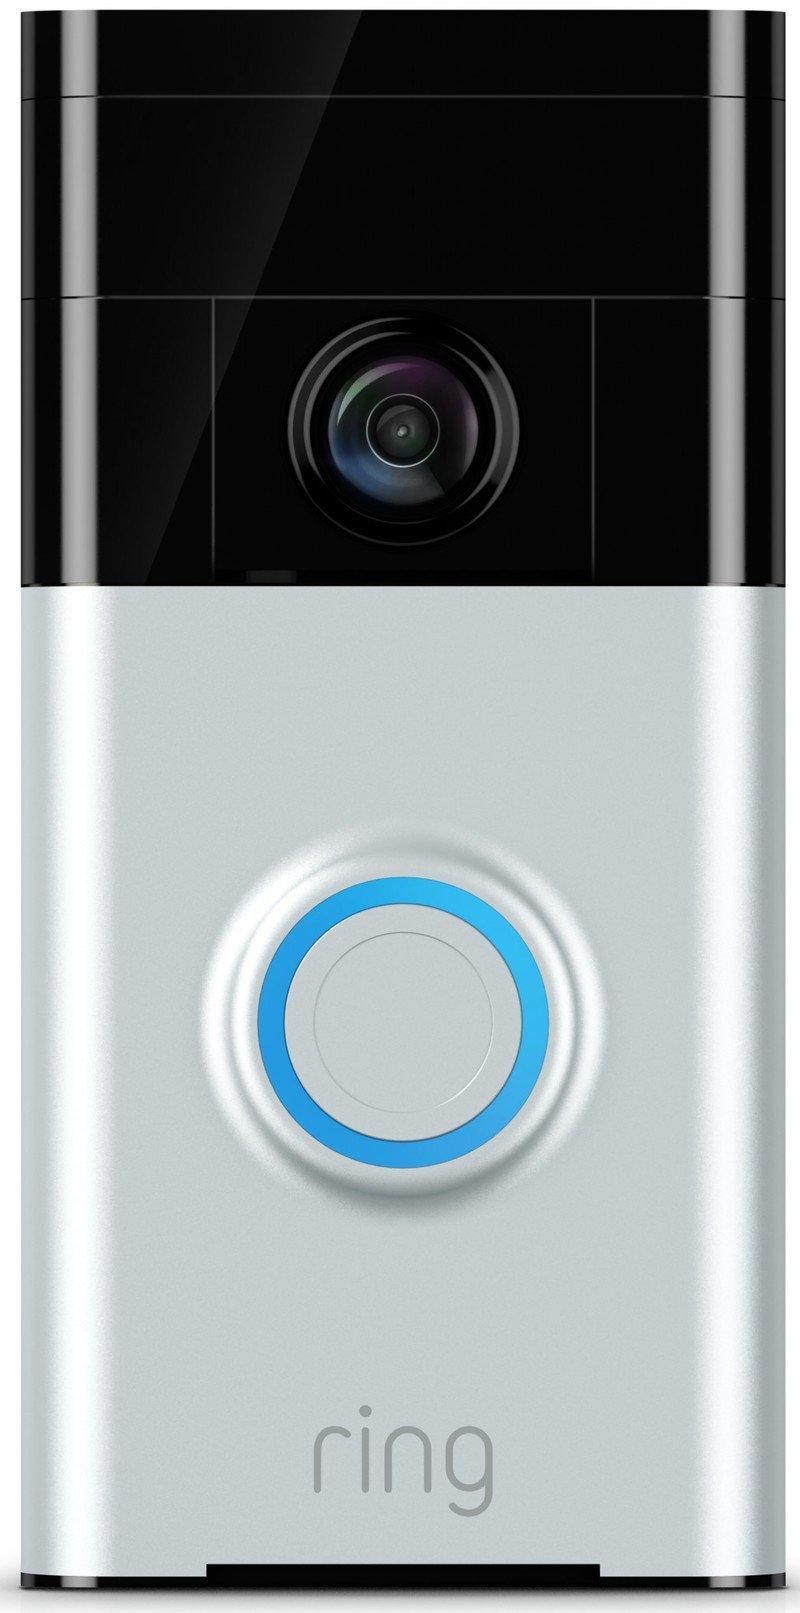 ring-videodoorbell-official-render.jpg?i